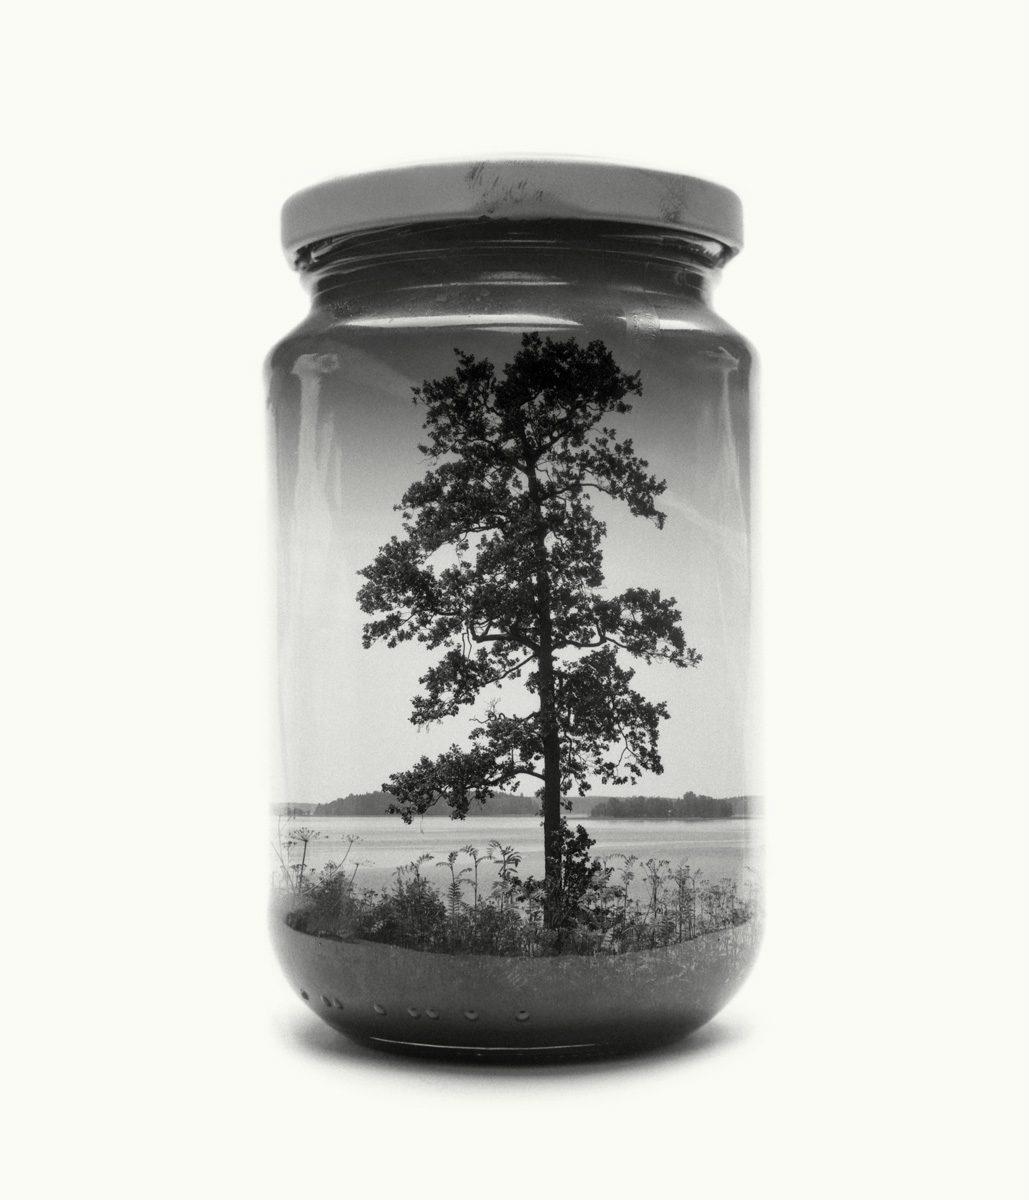 paysage-finlande-bocal-04